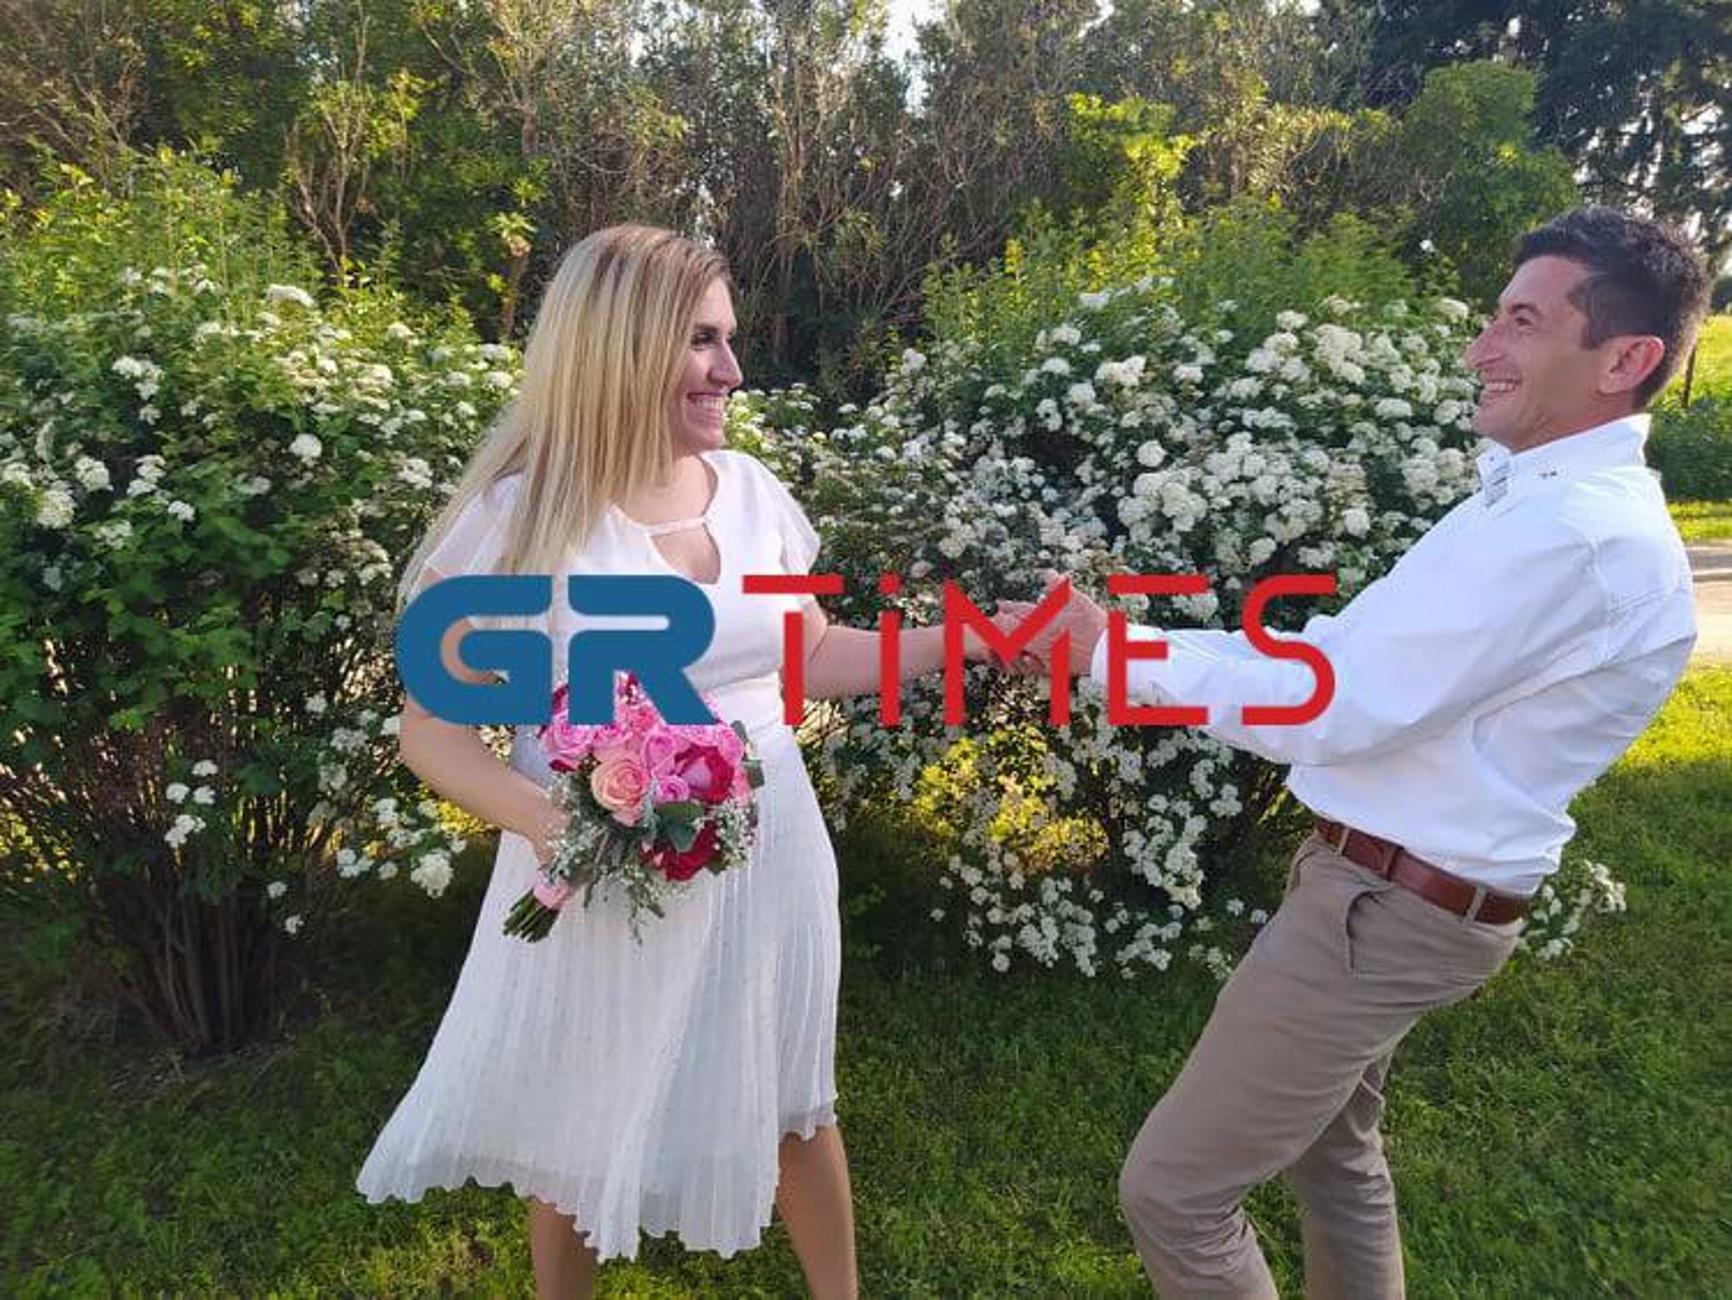 Θεσσαλονίκη: Ο γάμος, η νύφη και οι ντελιβεράδες! Παντρεύτηκαν με τρόπο που δεν φαντάζονταν ποτέ (Φωτό)